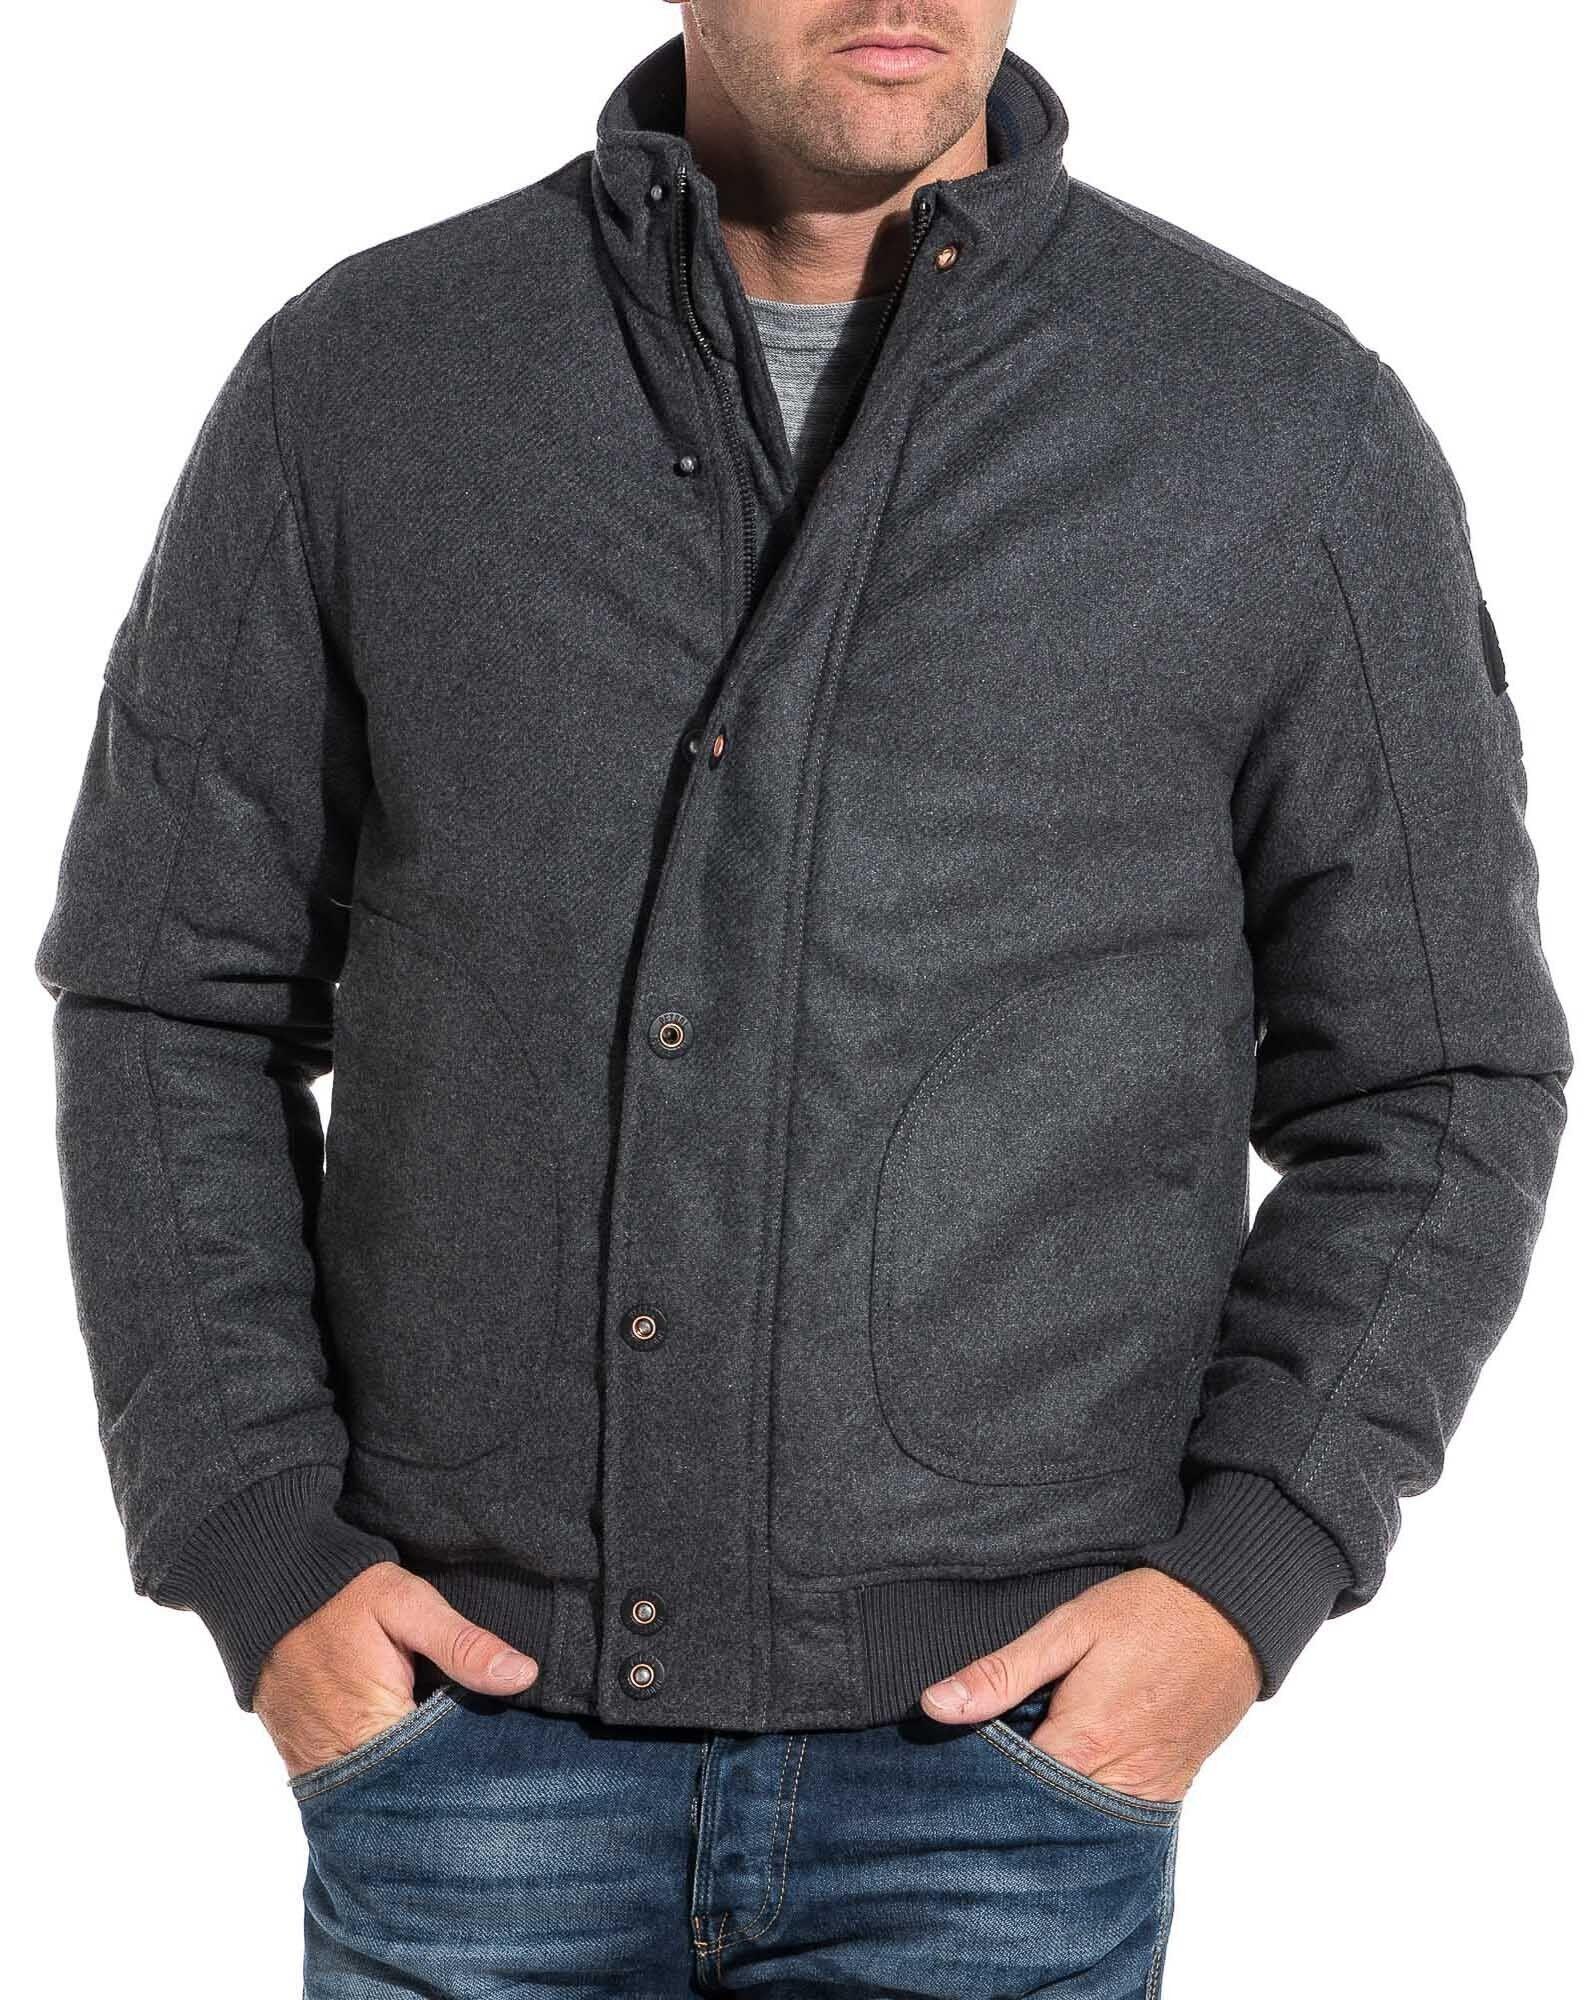 Blouson zippé homme gris laine